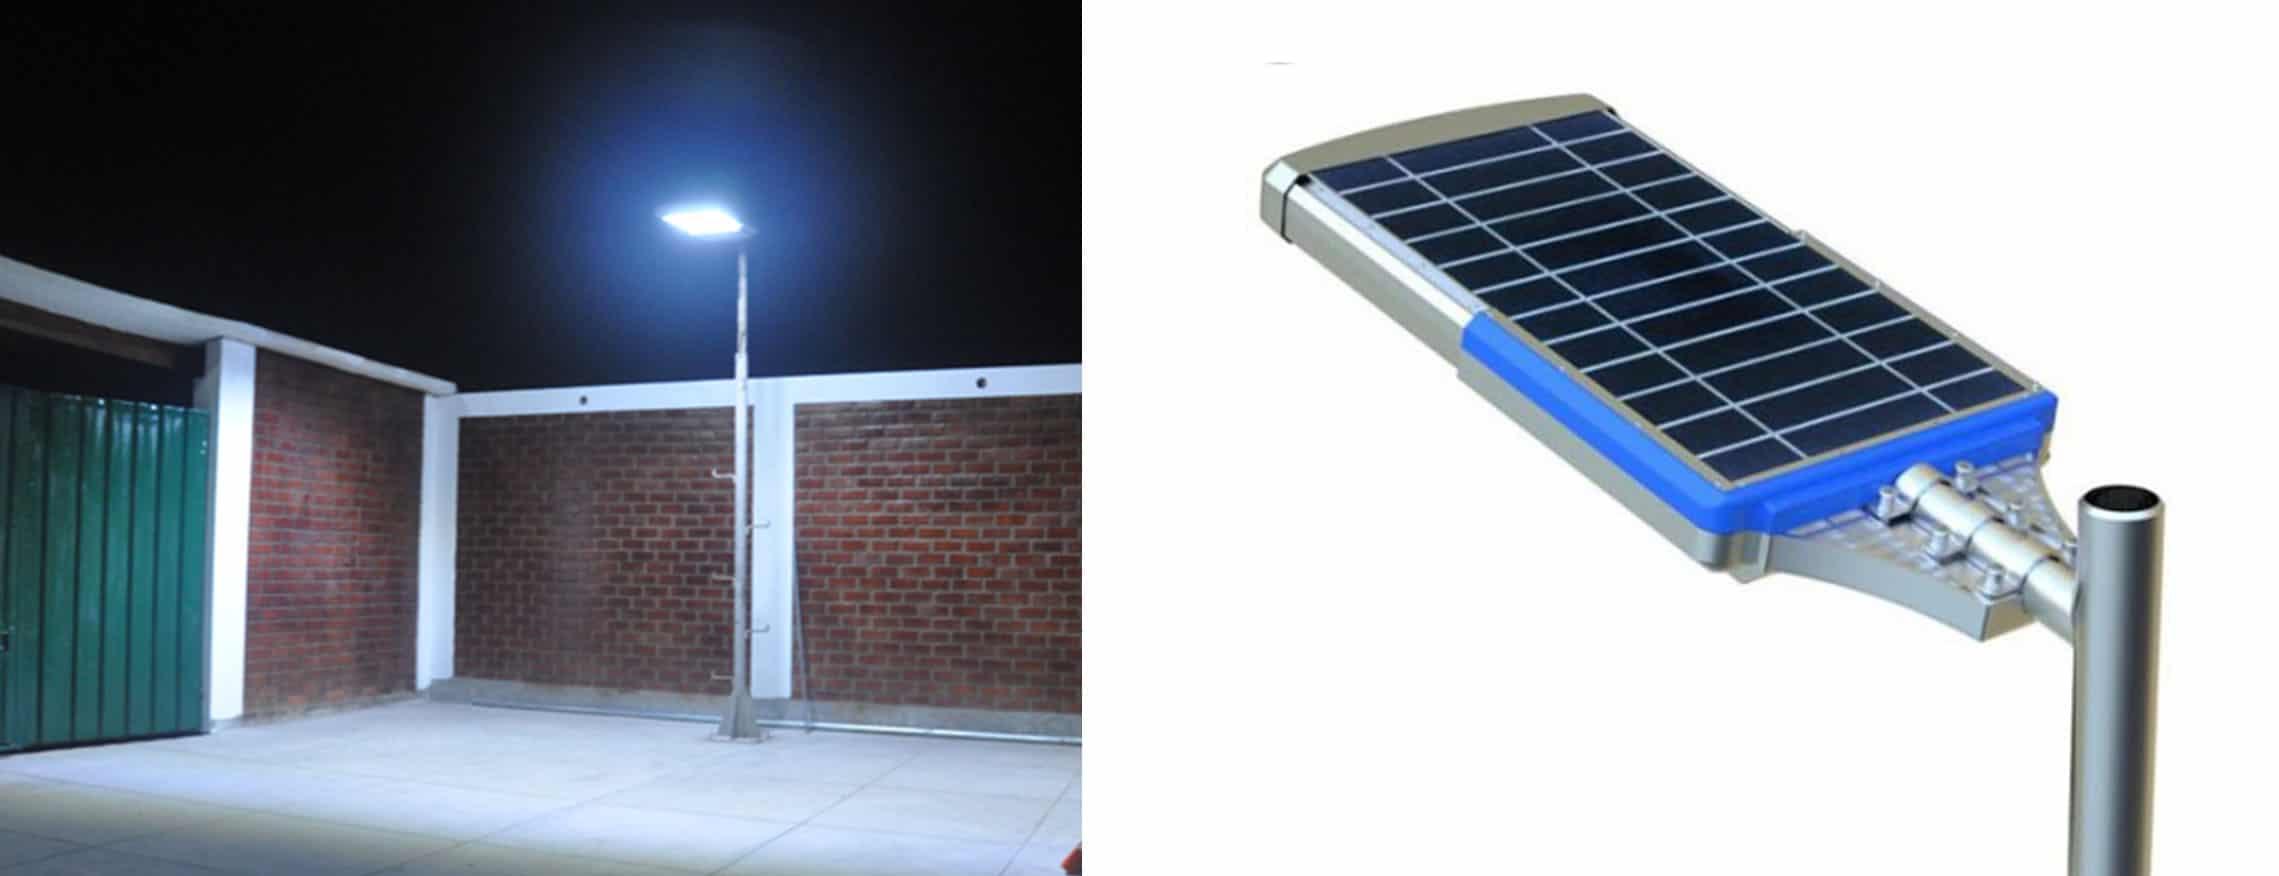 hybrydowa latarnia solarna